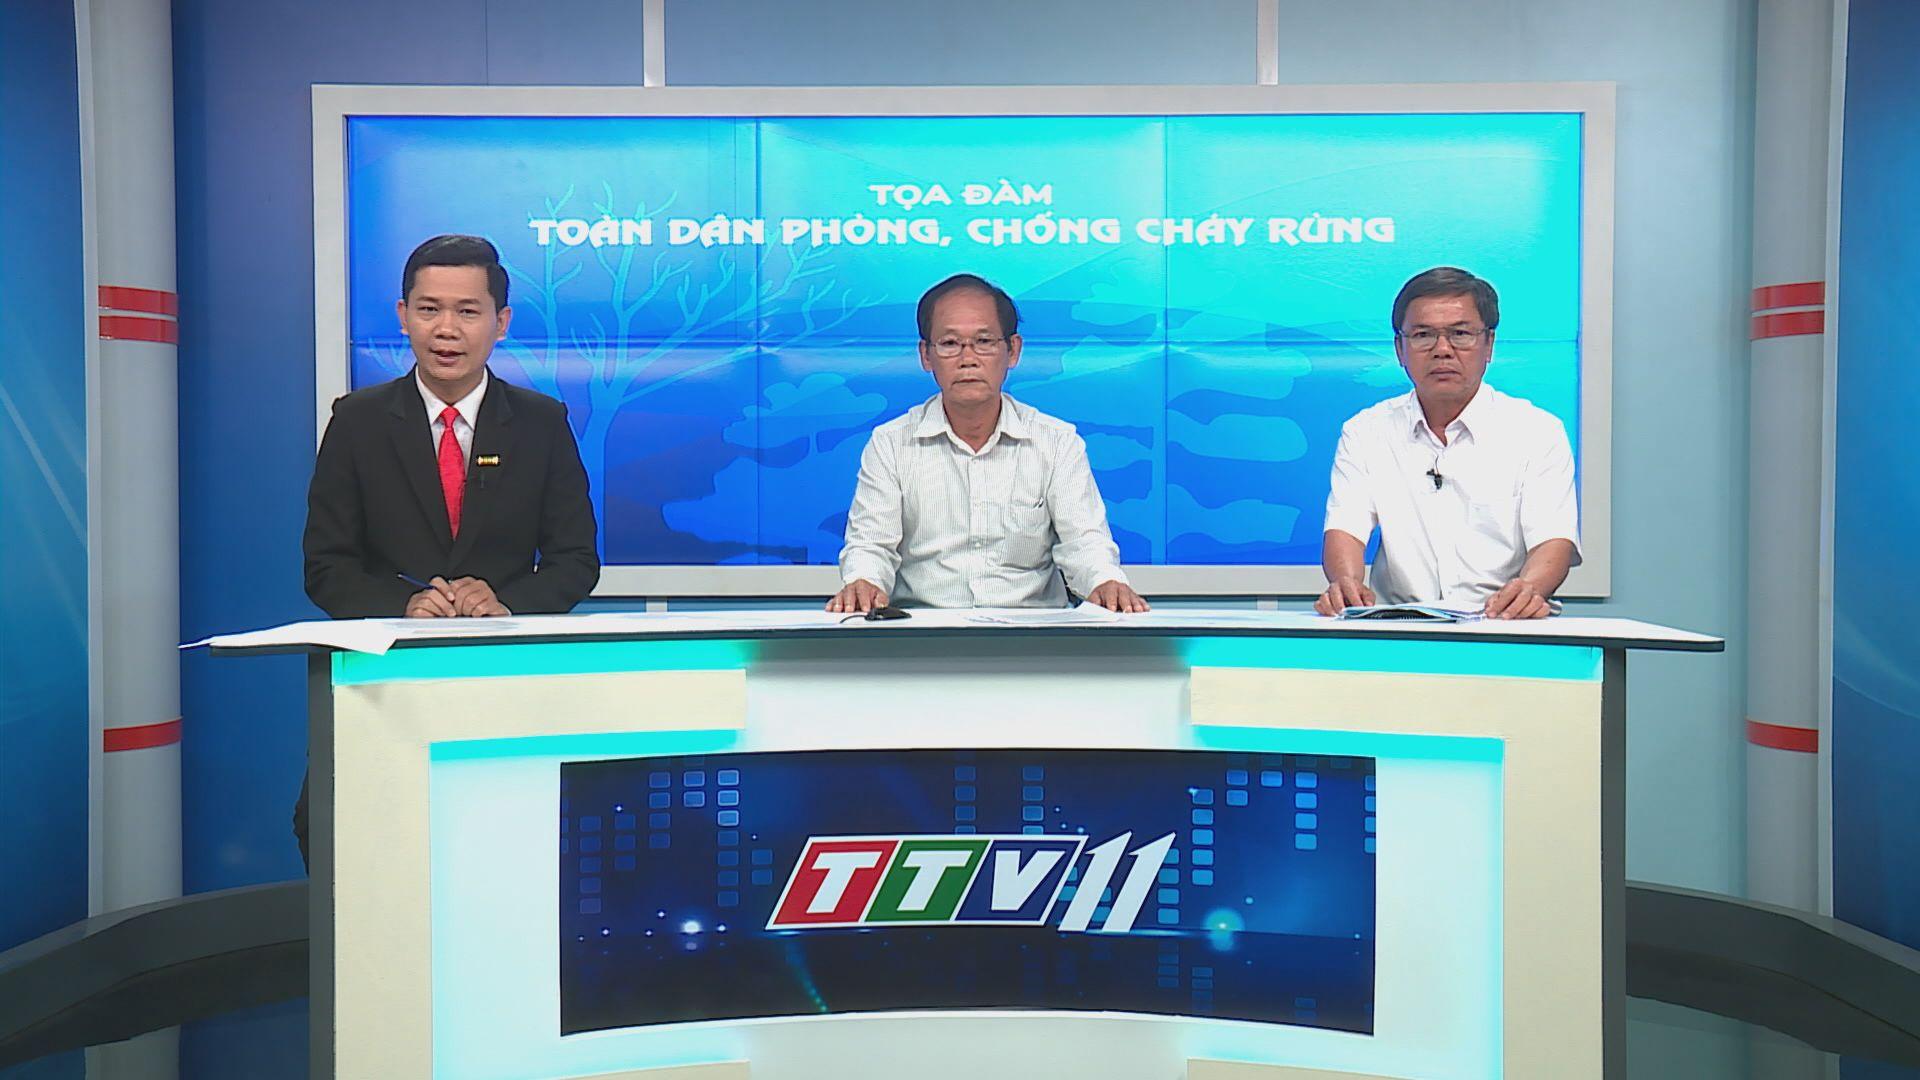 Tọa đàm: Toàn dân phòng, chống cháy rừng | TIẾNG NÓI CỬ TRI | TayNinhTV